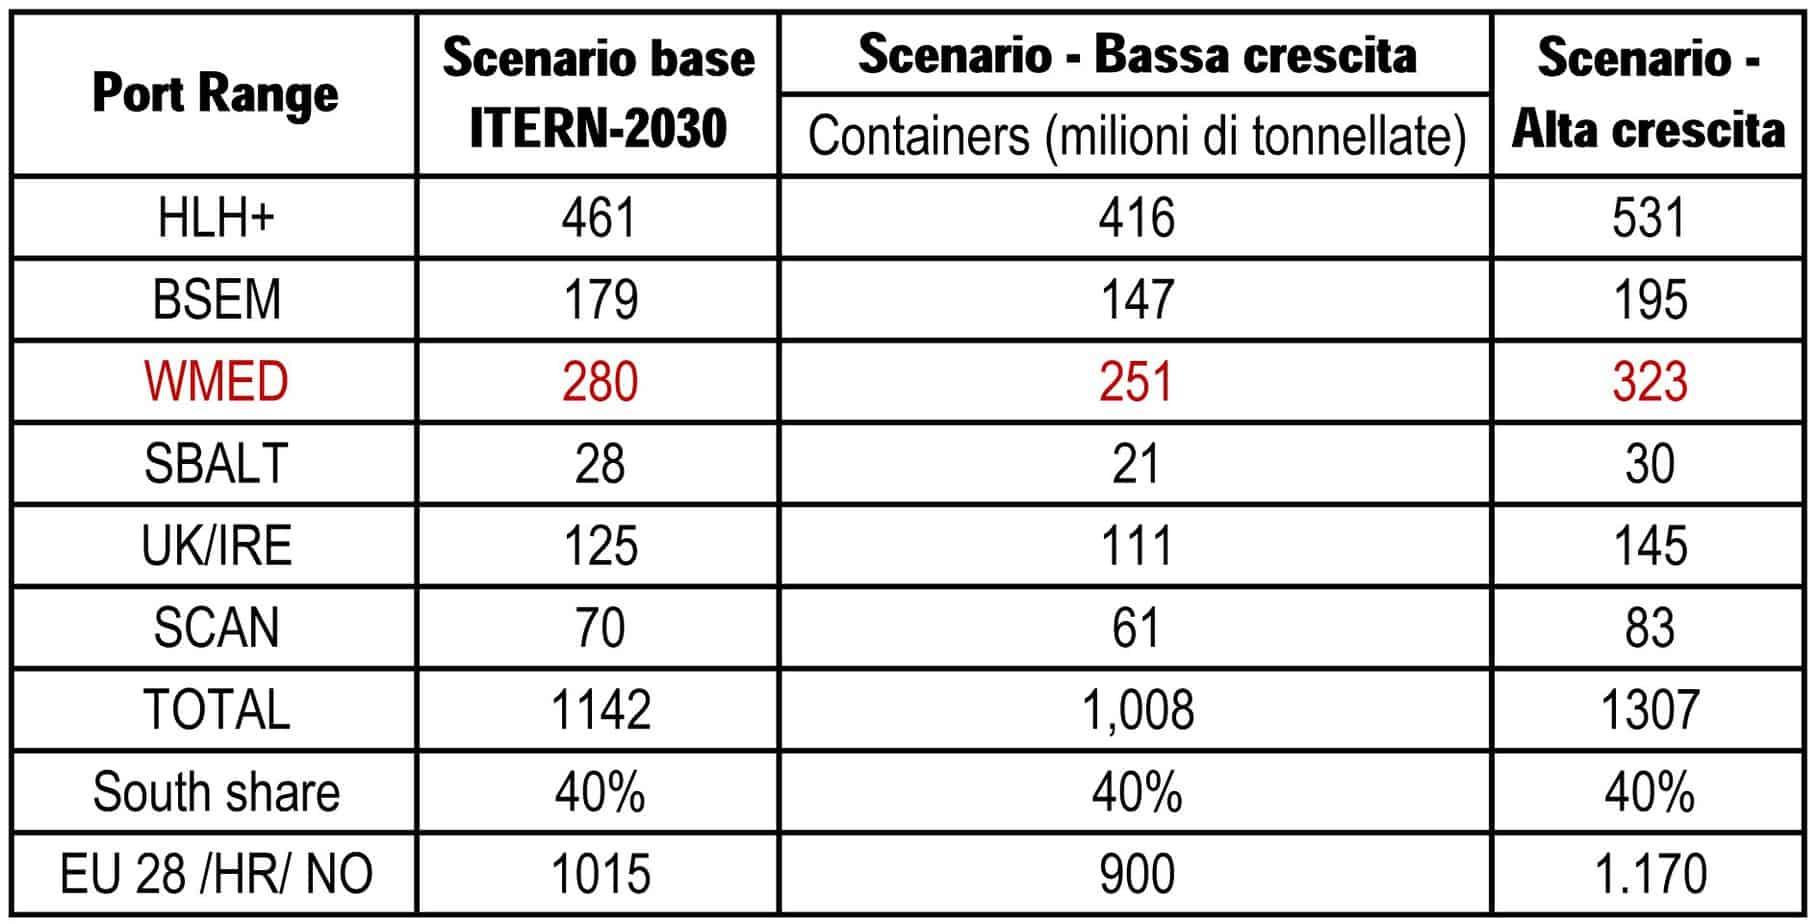 La previsione e il confronto fra gli scenari del traffico container nei Port Range